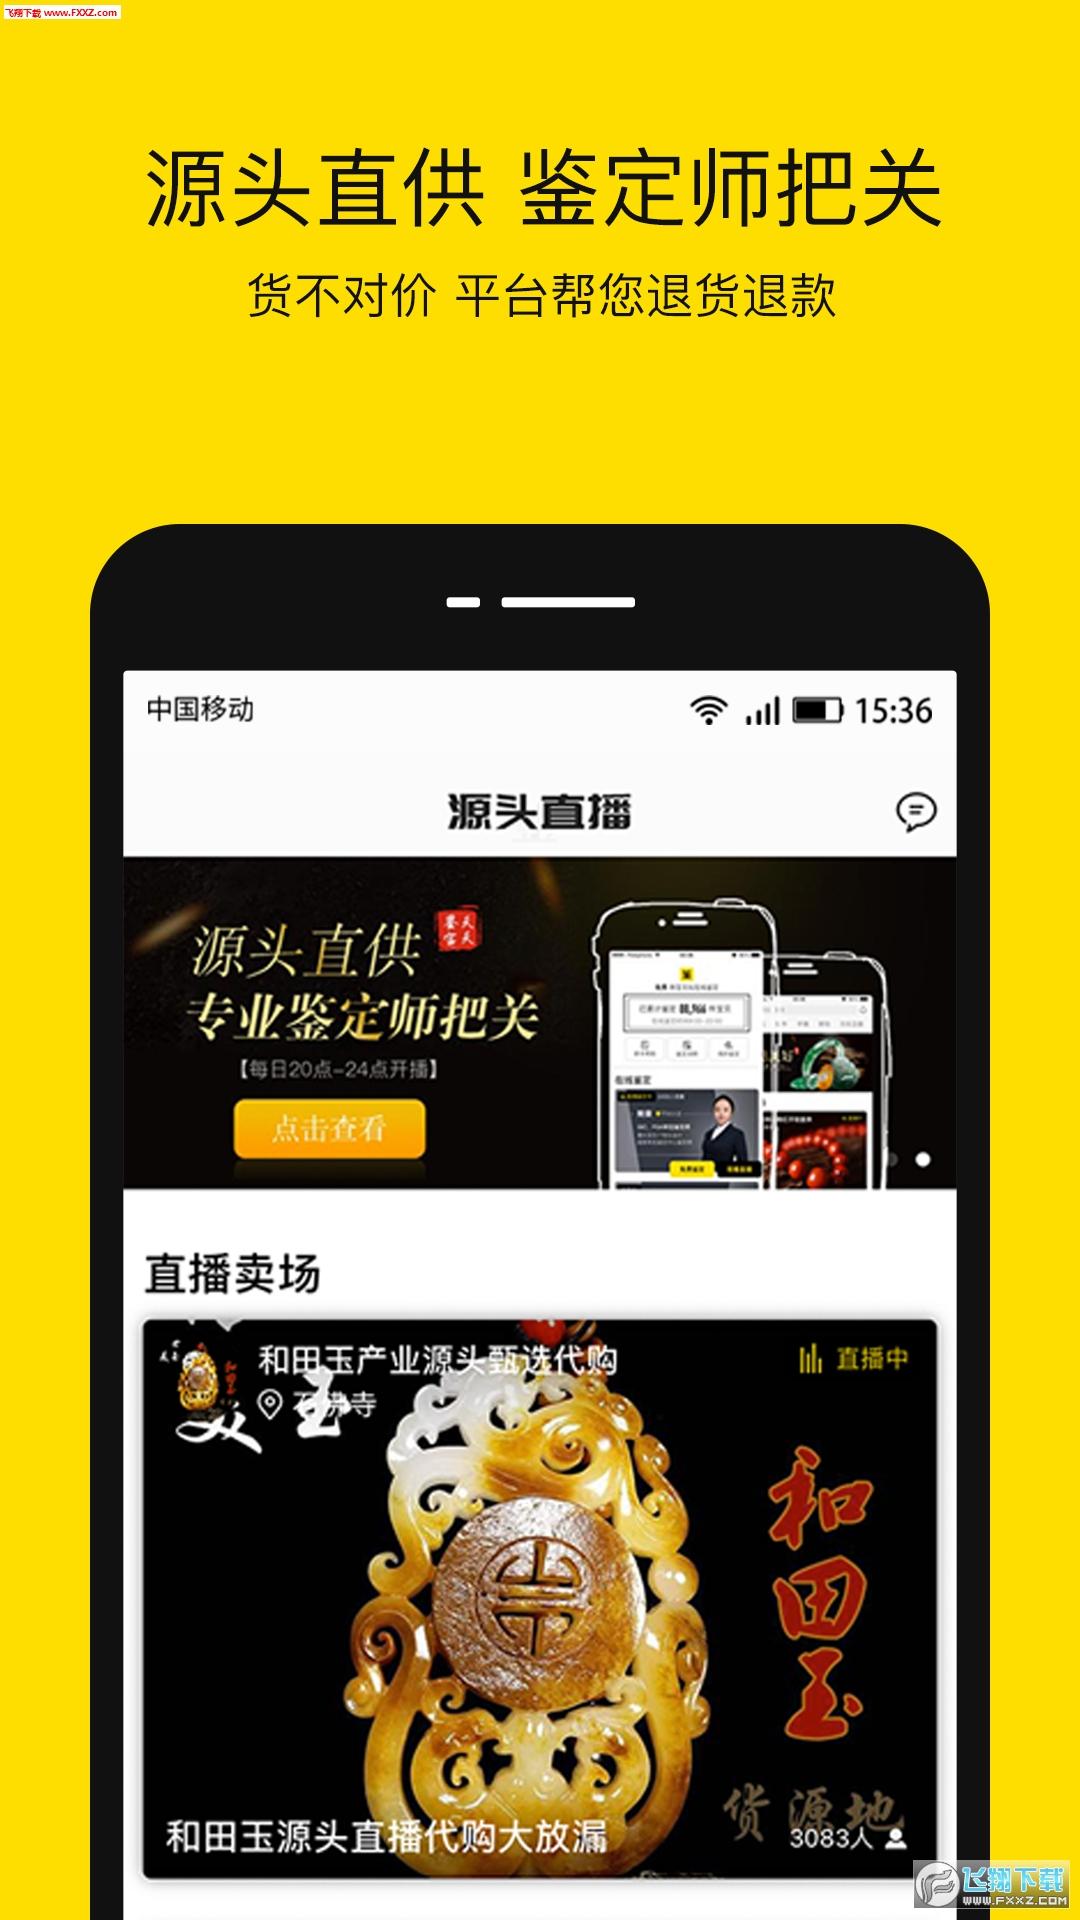 天天鉴宝app官方版2.0.5截图0